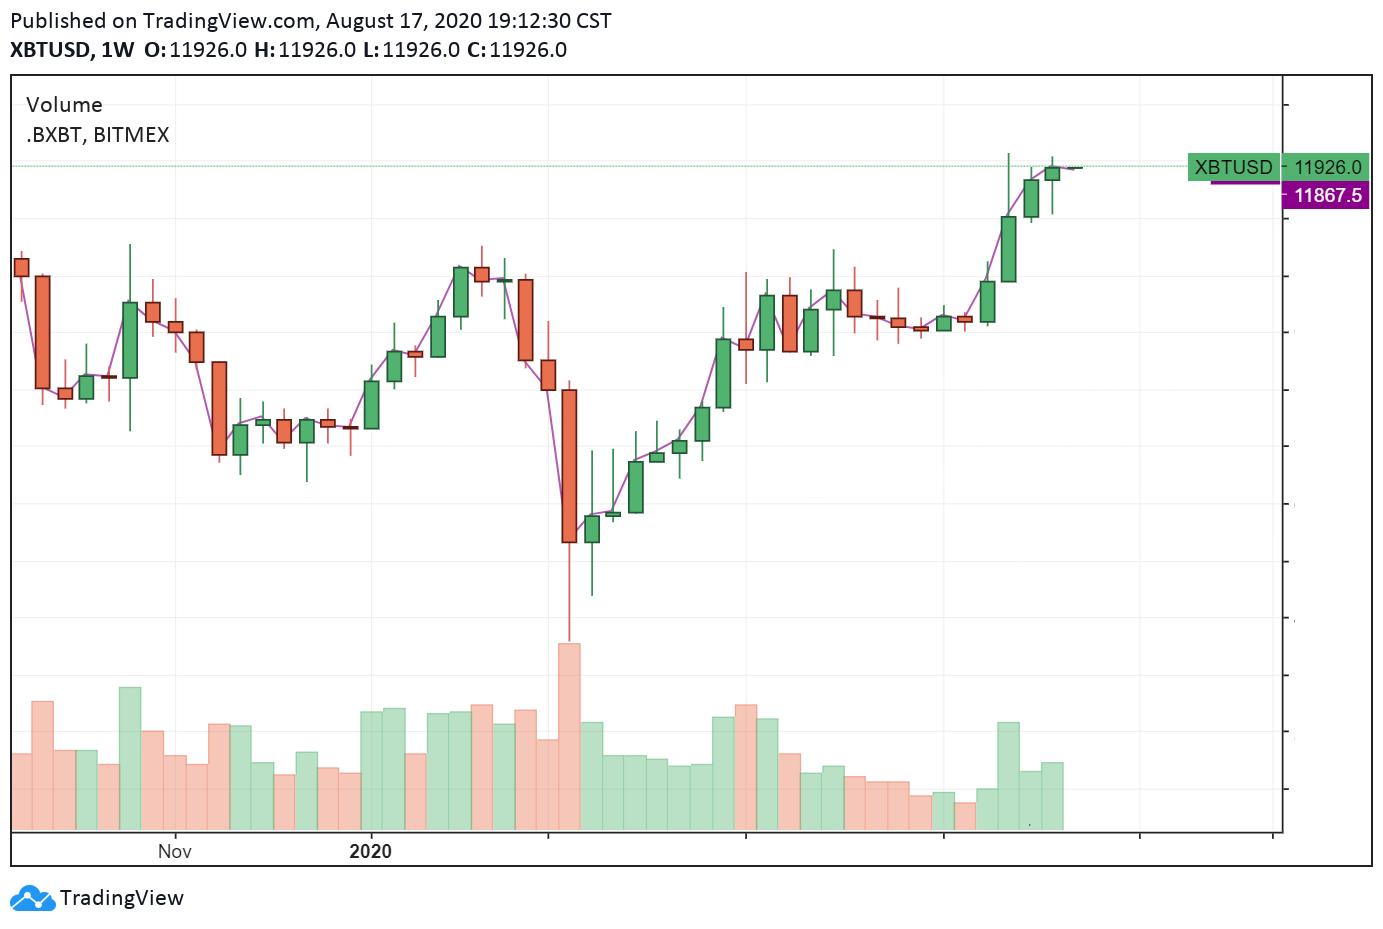 比特币牛市?这些因素表明比特币价格上升趋势会延续